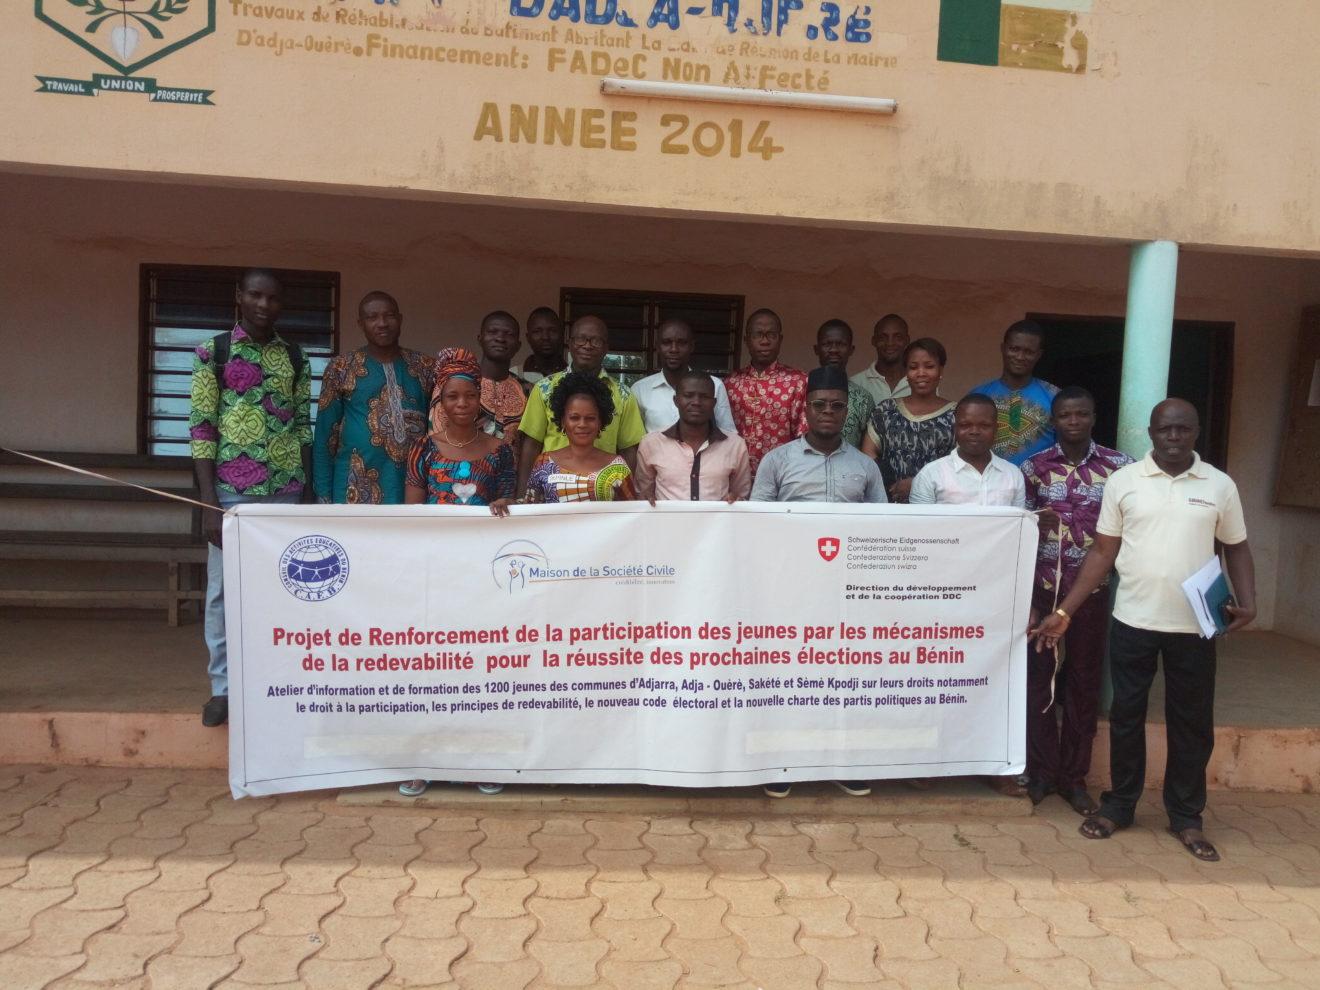 Le CAEB en action avec les jeunes pour des élections apaisées au Bénin